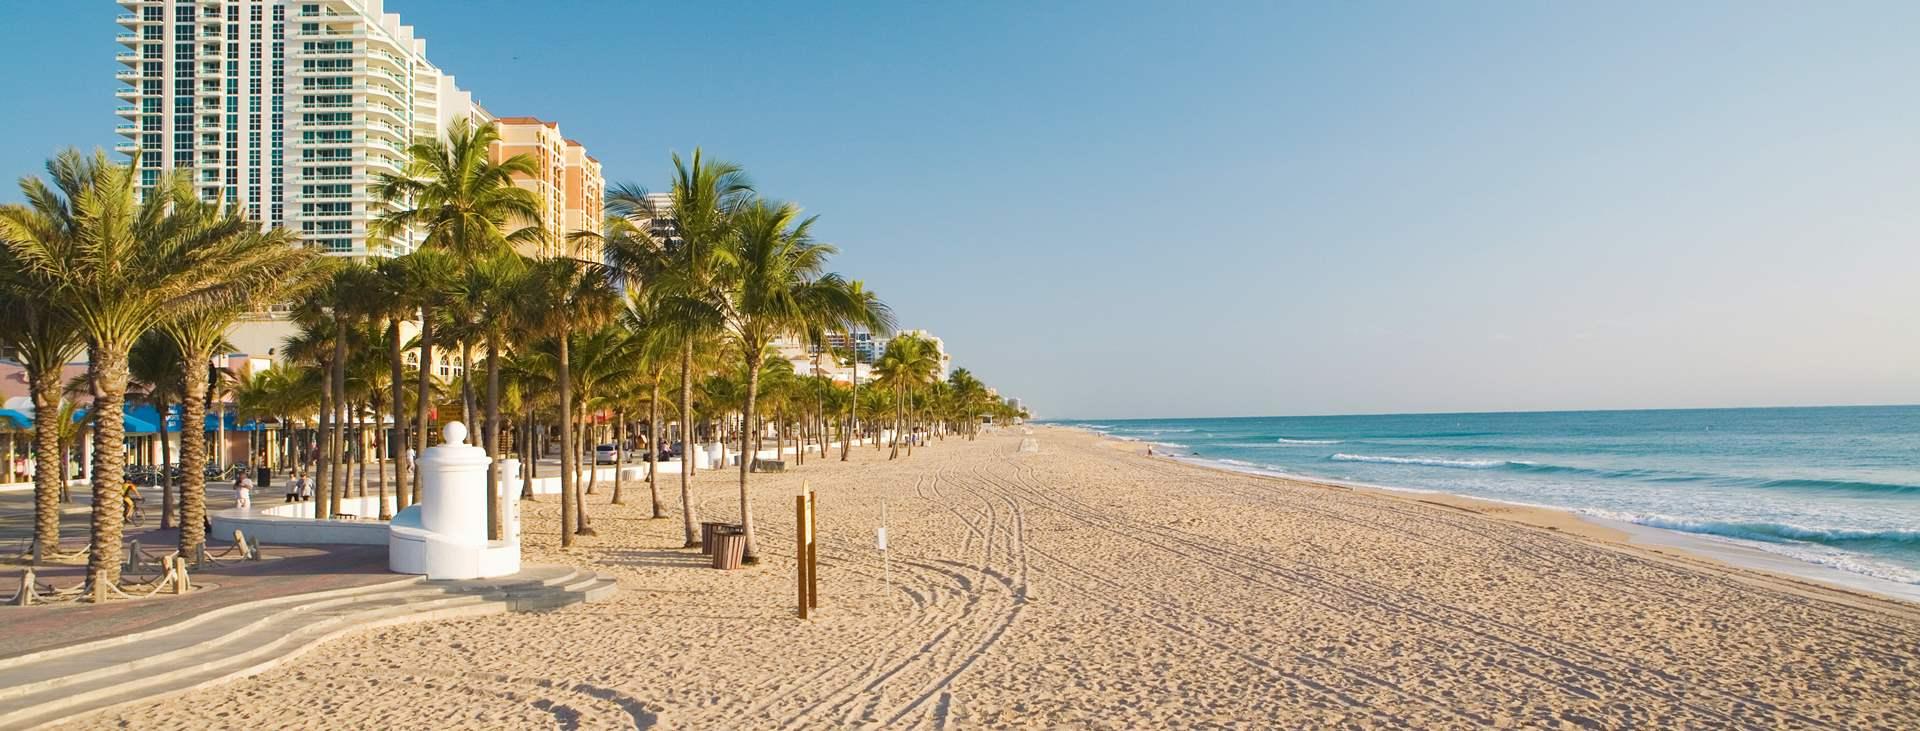 Varaa matka Fort Lauderdaleen, Floridaan ja koe USA